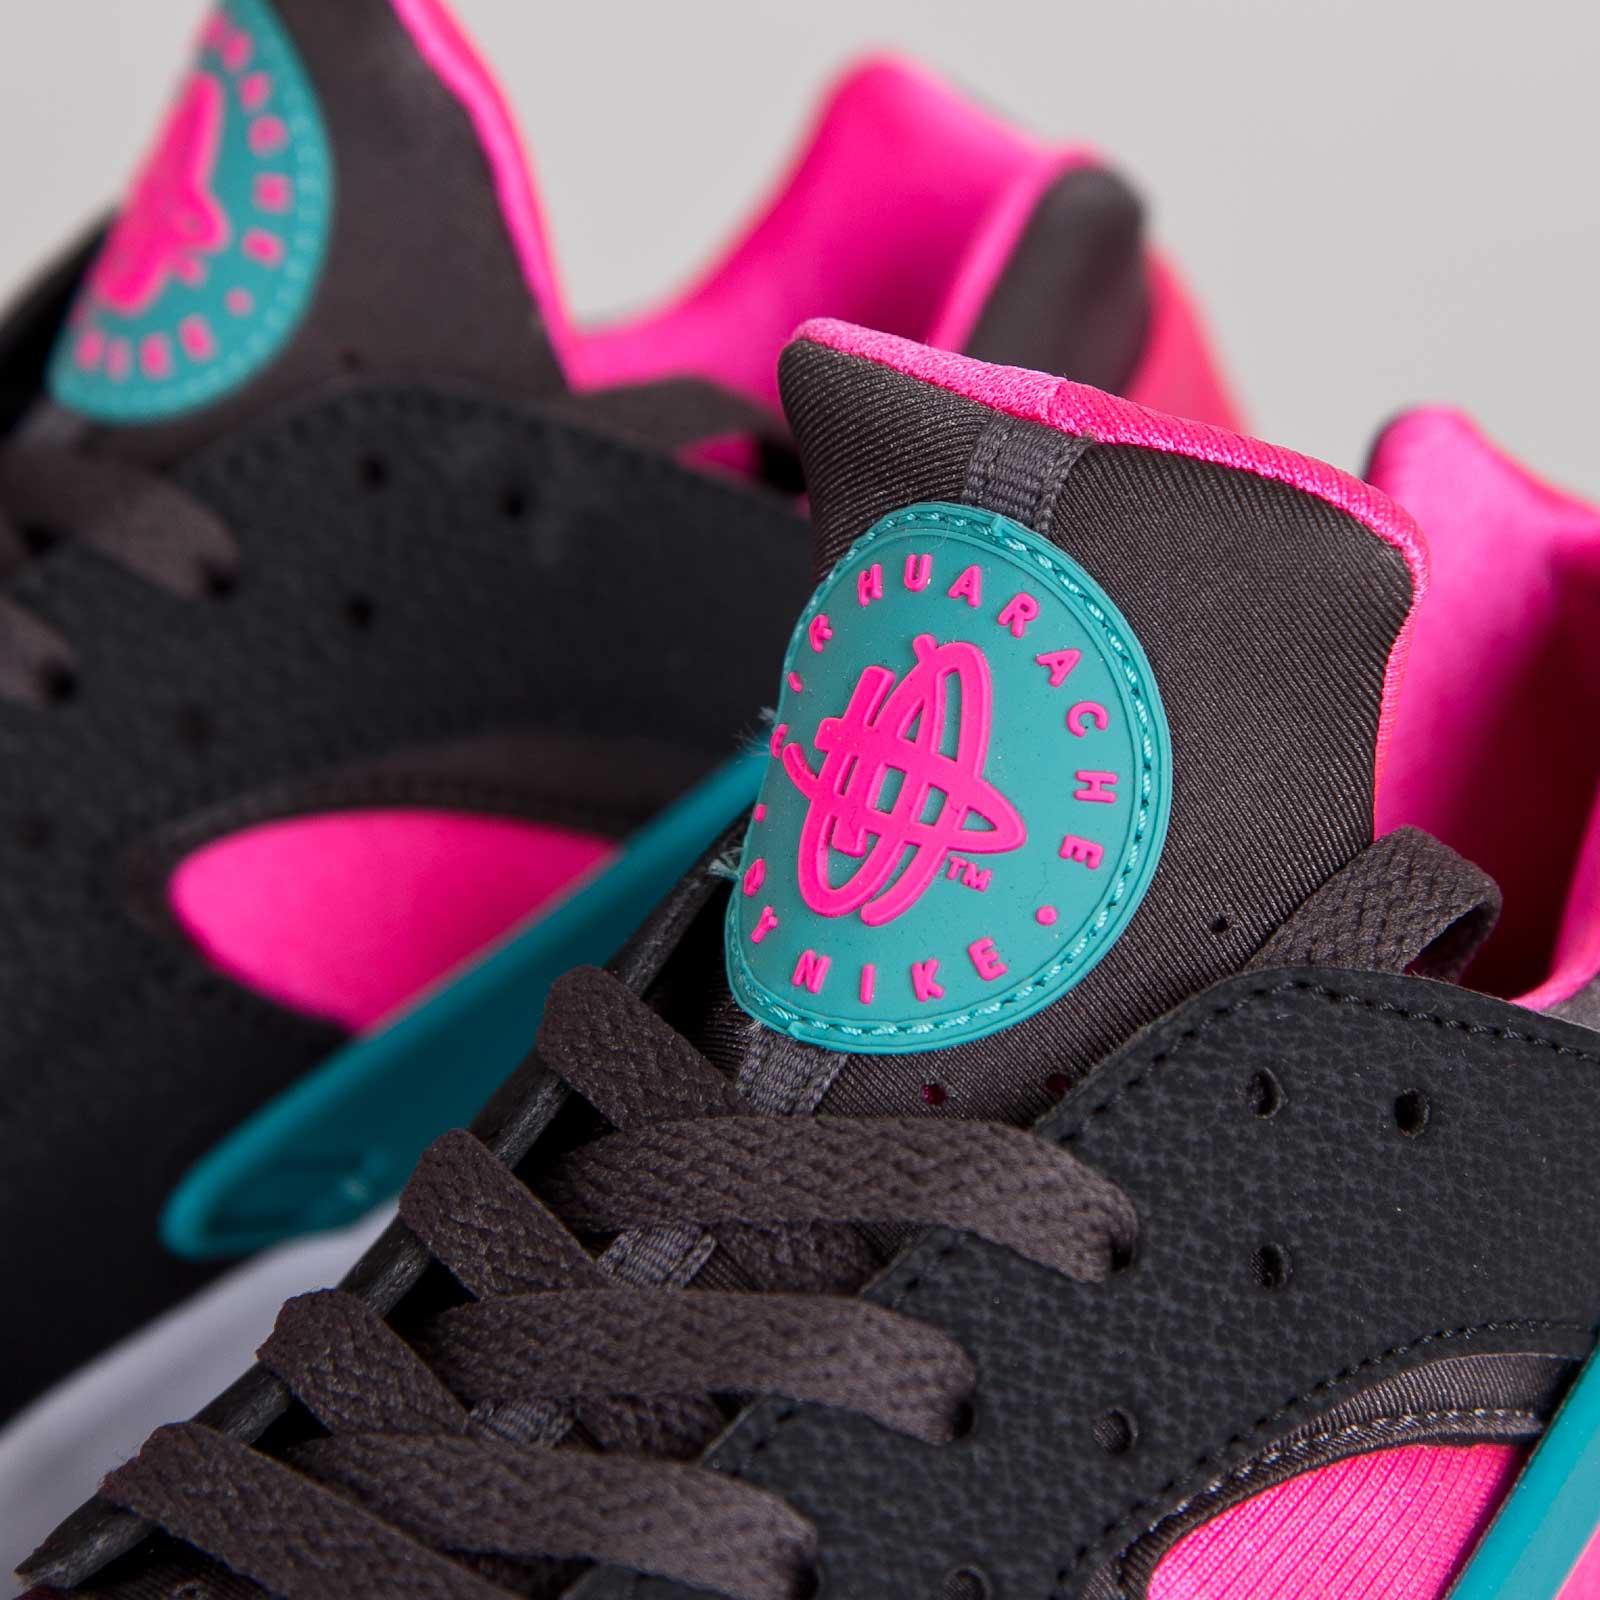 new styles c3ddc 8f146 Nike Air Huarache - 318429-600 - Sneakersnstuff   sneakers   streetwear  online since 1999